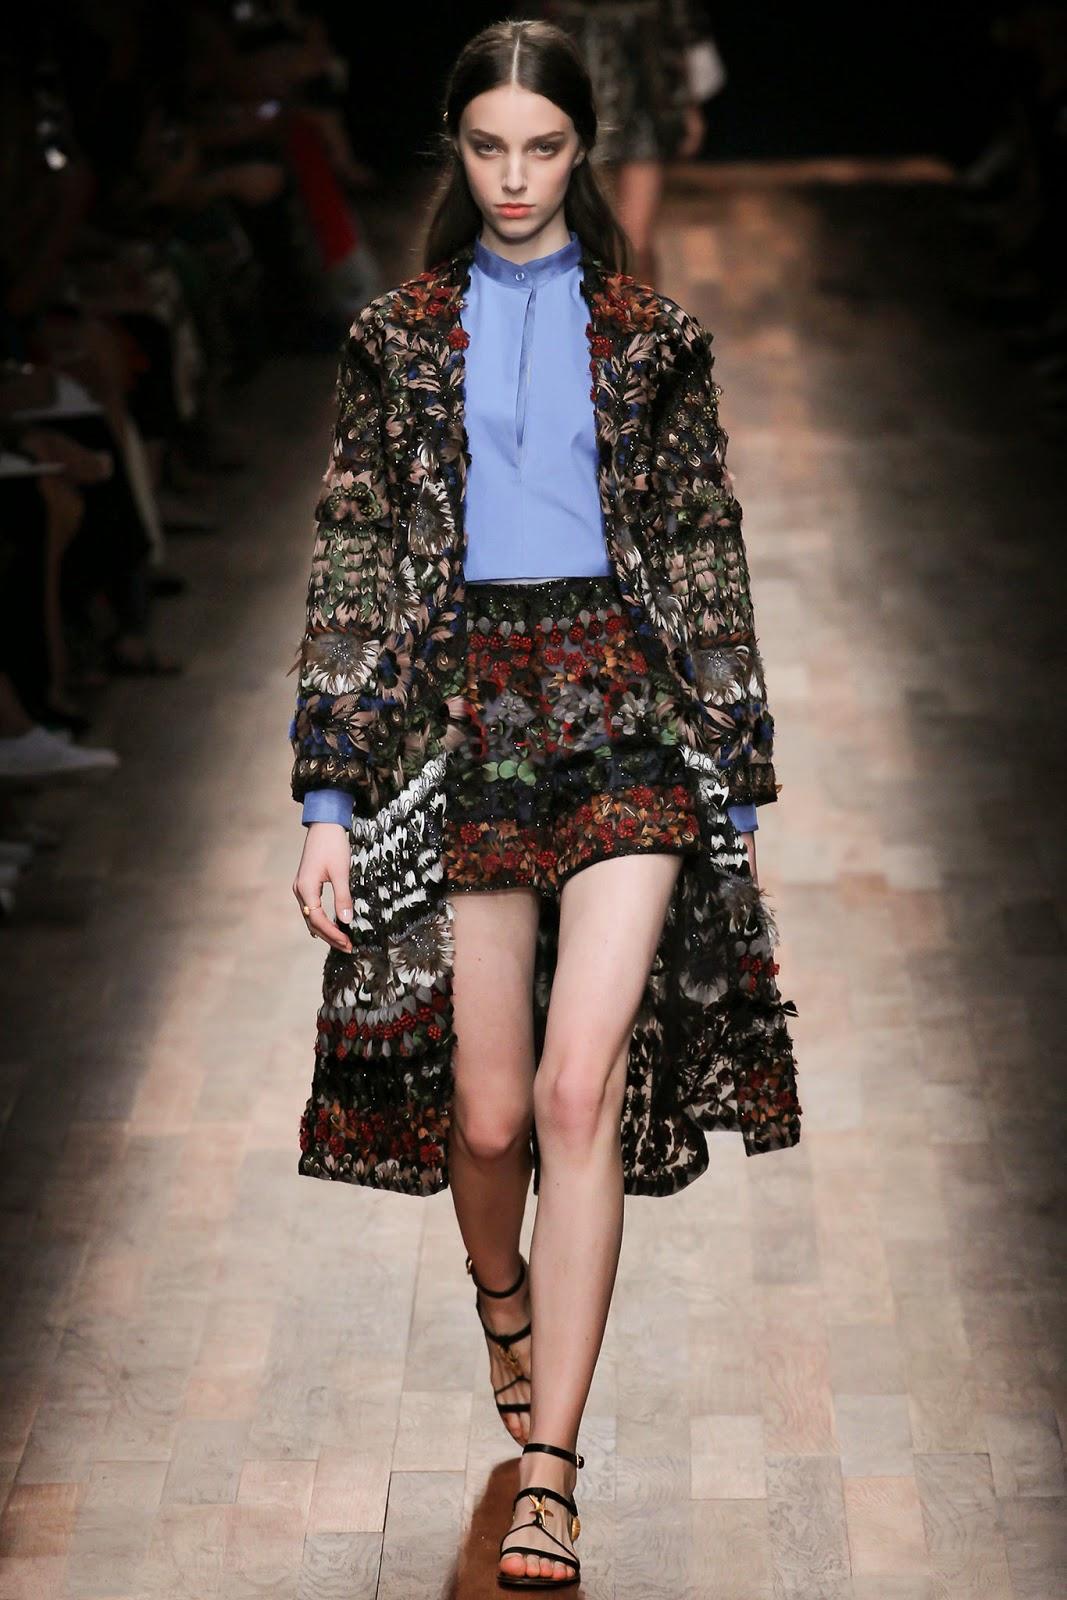 valentino 2015 summer 2016 trend women dress29 Valentino 2015 samling, våren sommaren 2016 Valentino klänning modeller, Valentino kväll klänning nya säsongen kvinnors kjolar modeller